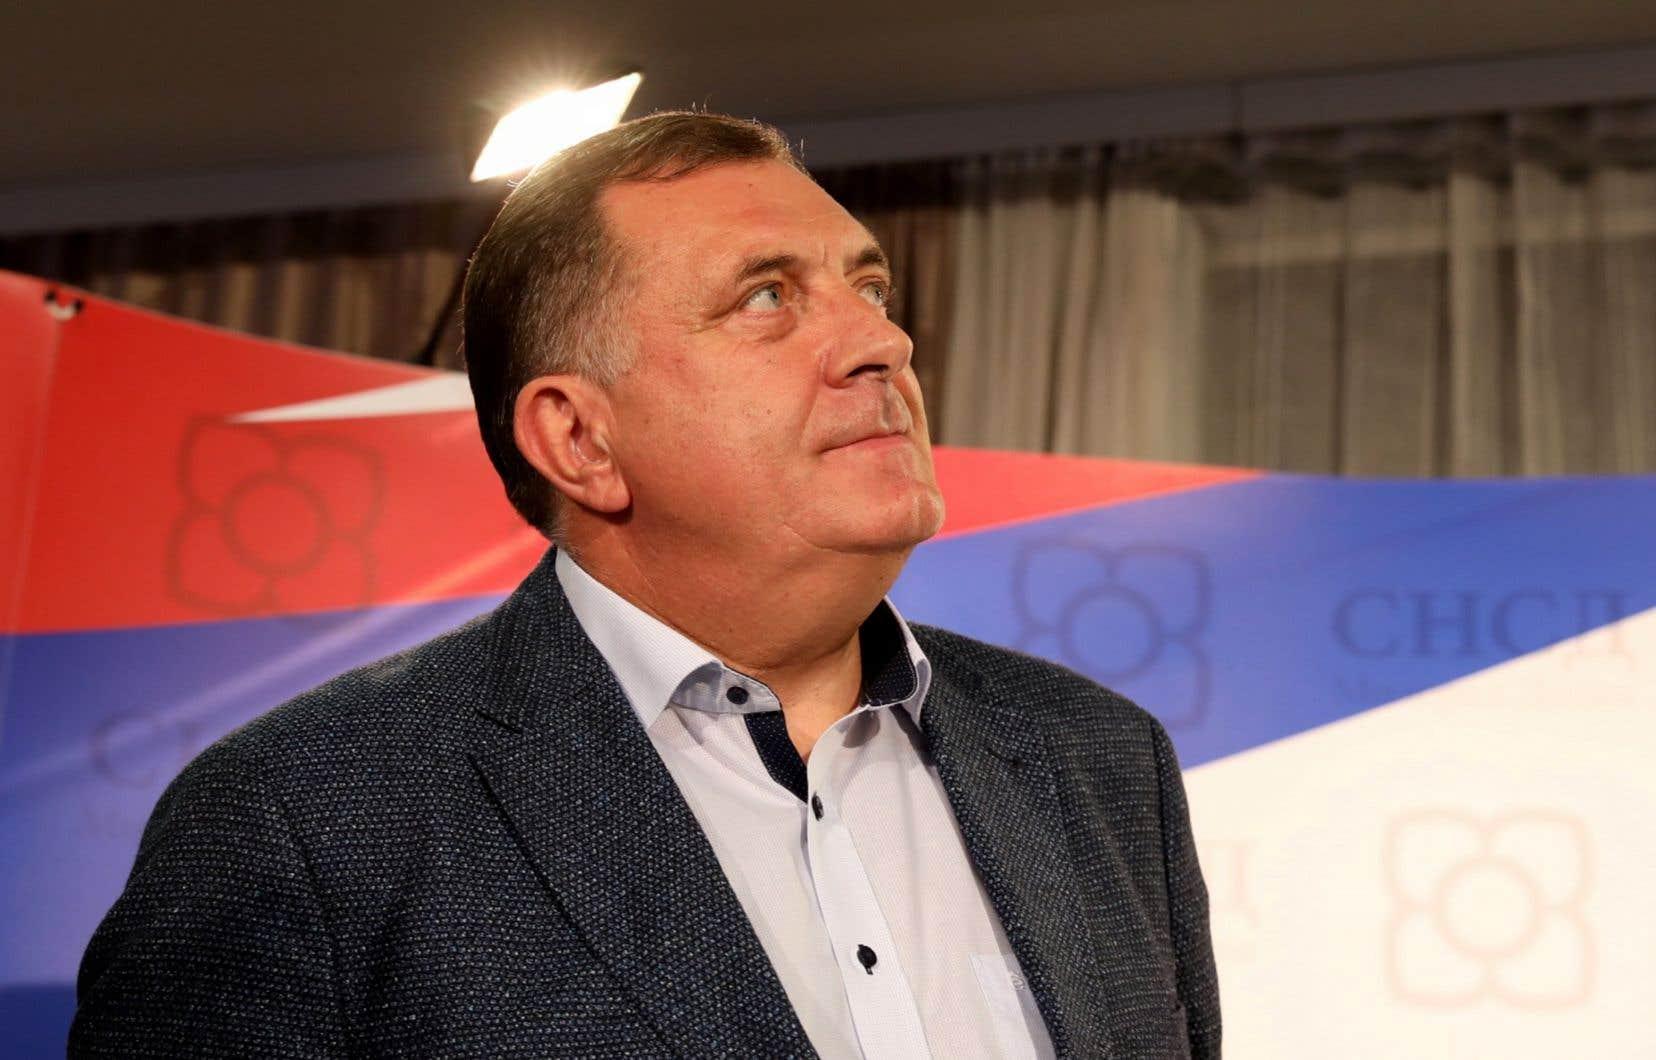 «Soit on se mettra d'accord, soit ce pays n'aura aucune chance», a mis en garde Milorad Dodik, membre serbe de la présidence collégiale de Bosnie, à l'issue d'une réunion des dirigeants serbes bosniens.